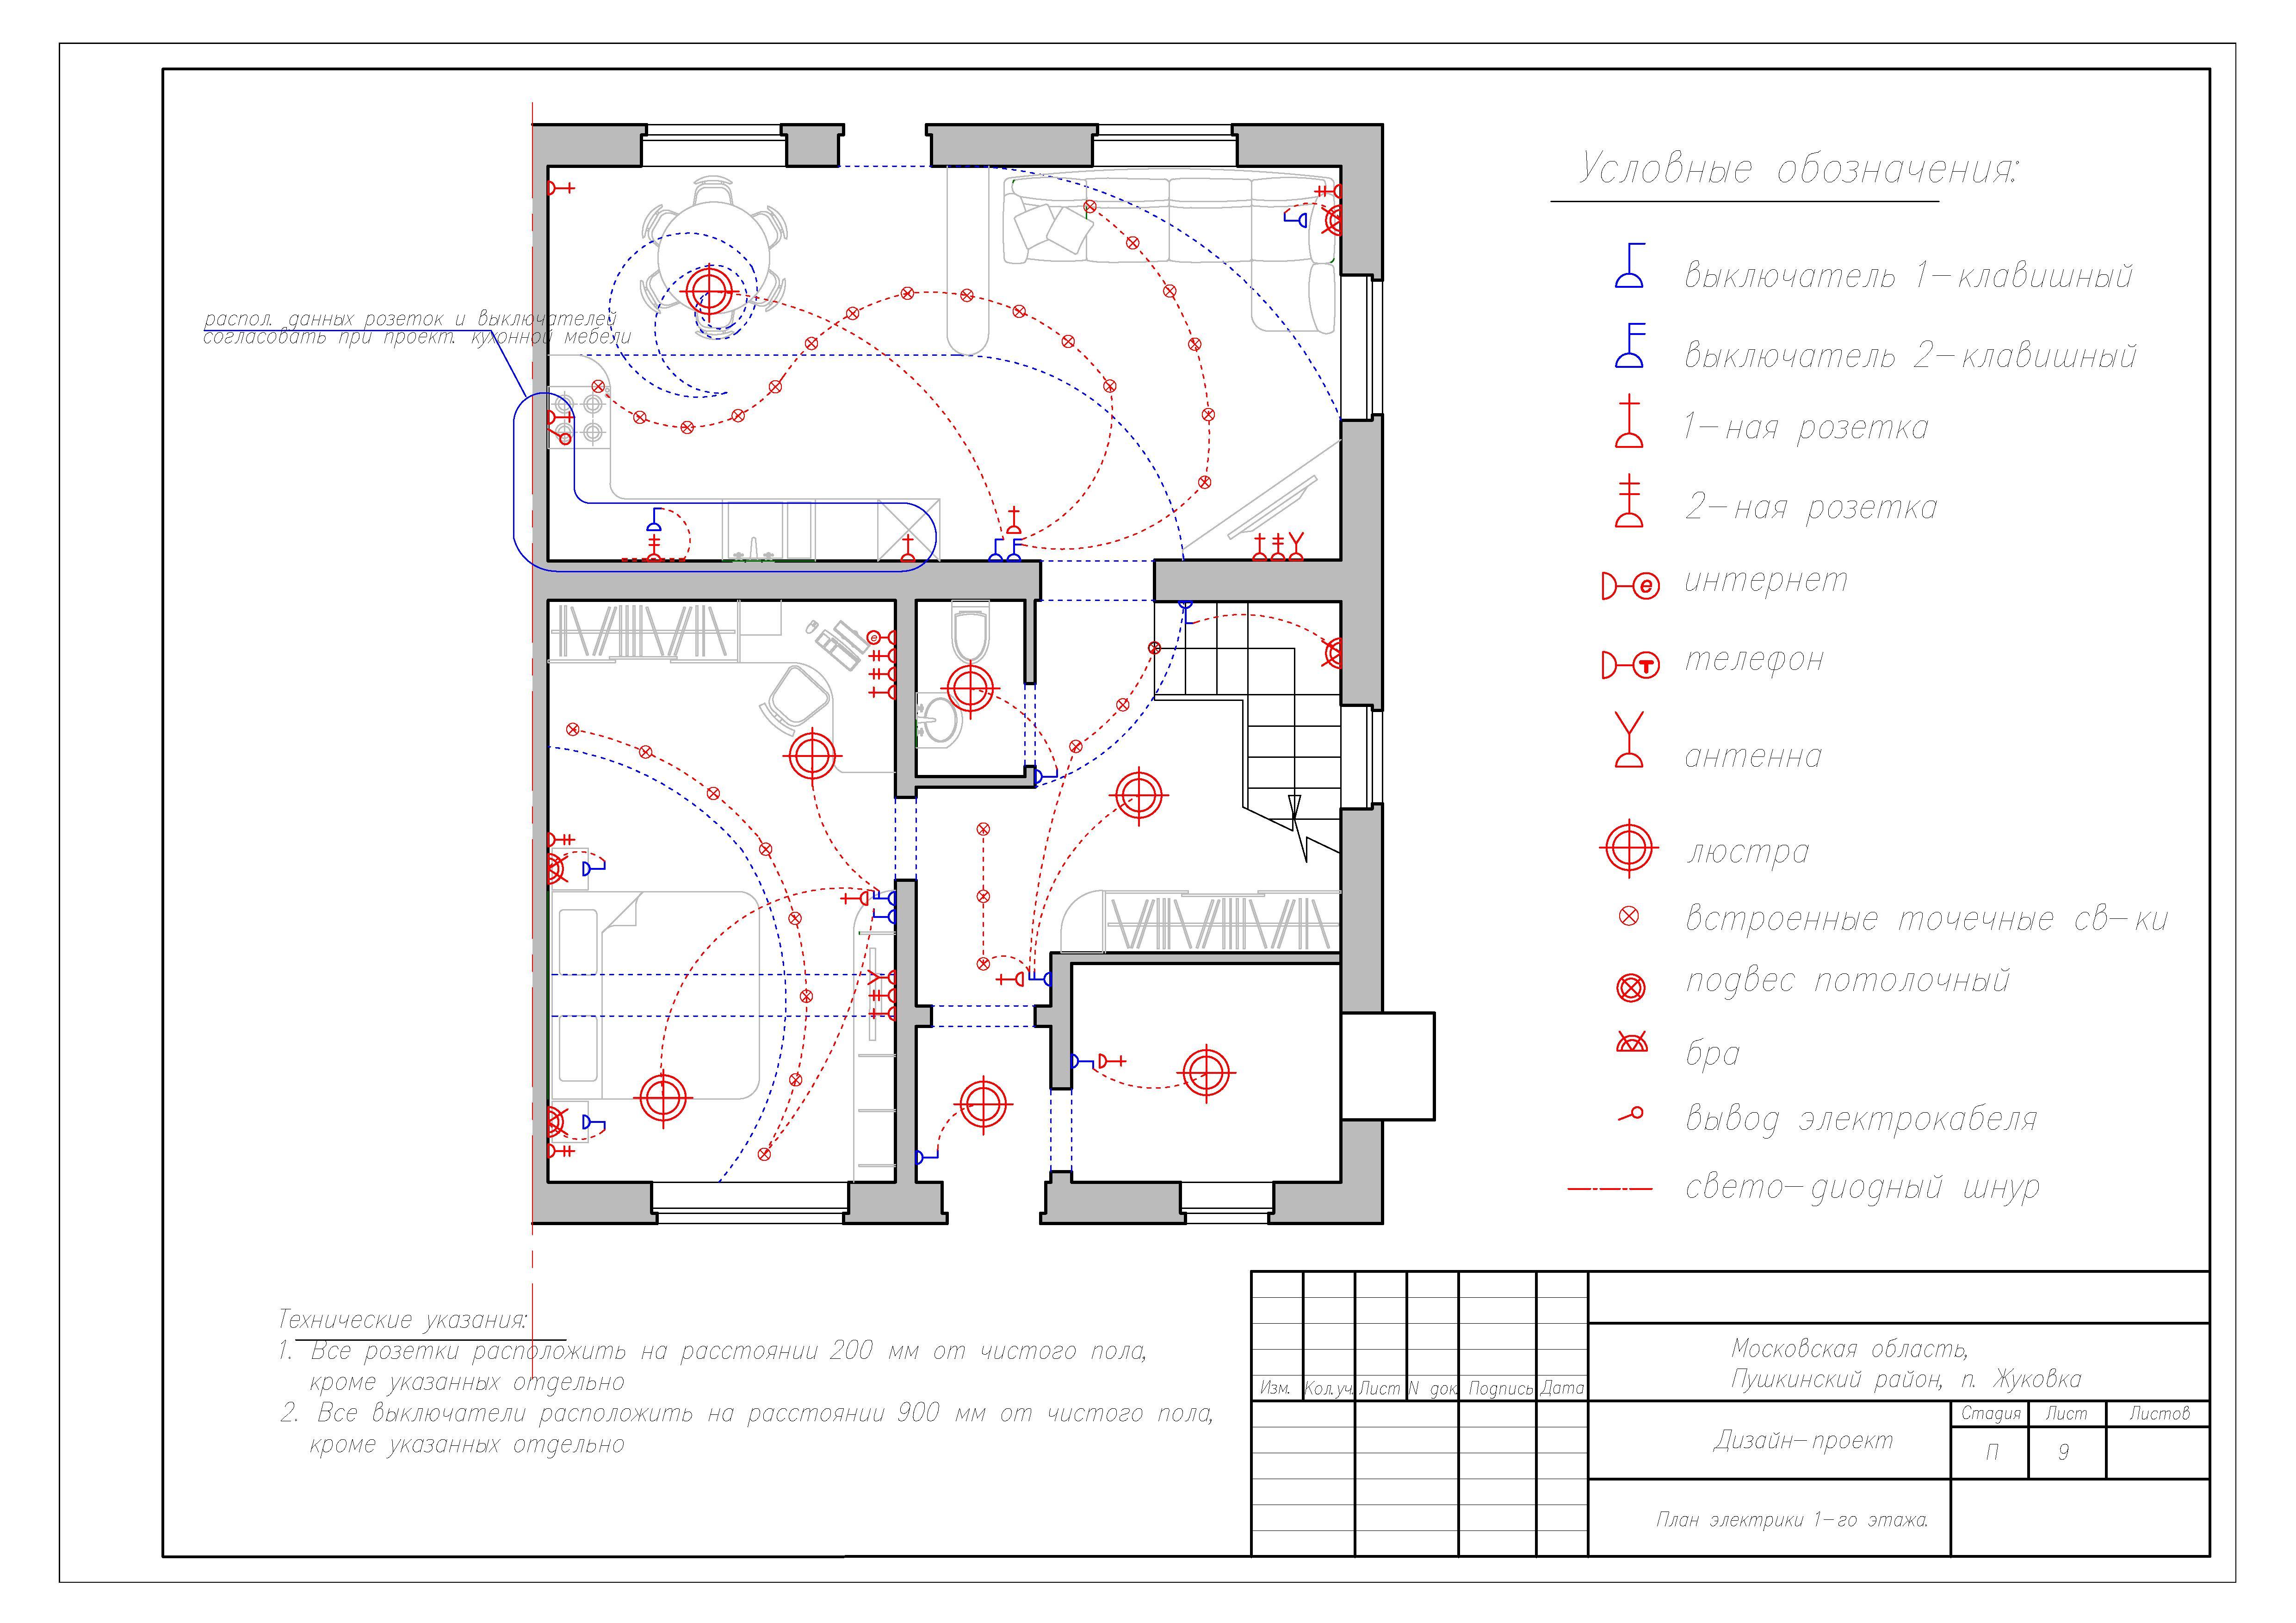 Как онлайн сделать проект дизайна в квартире